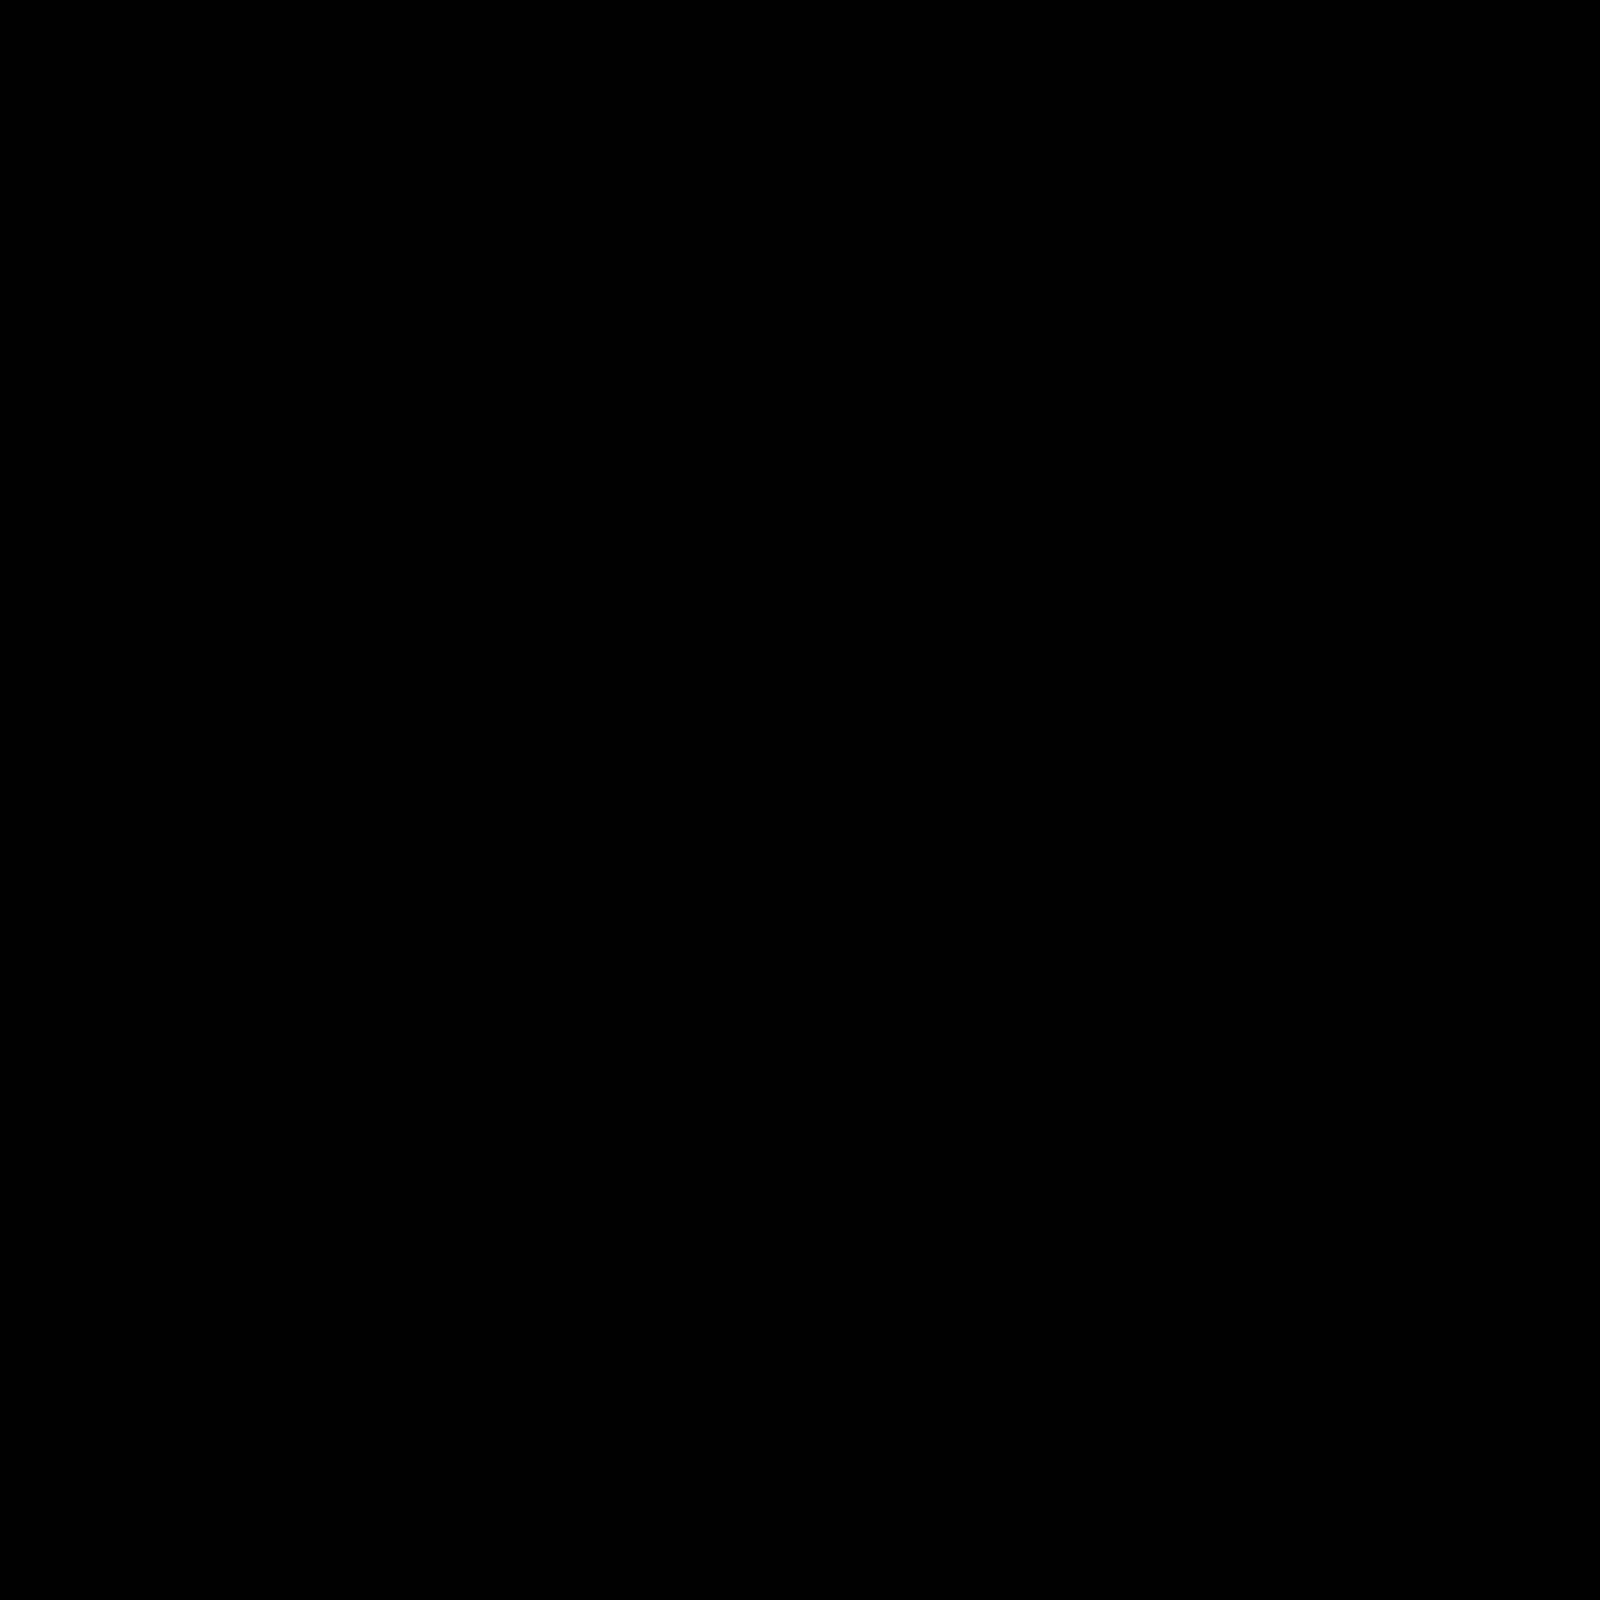 Fiszki icon